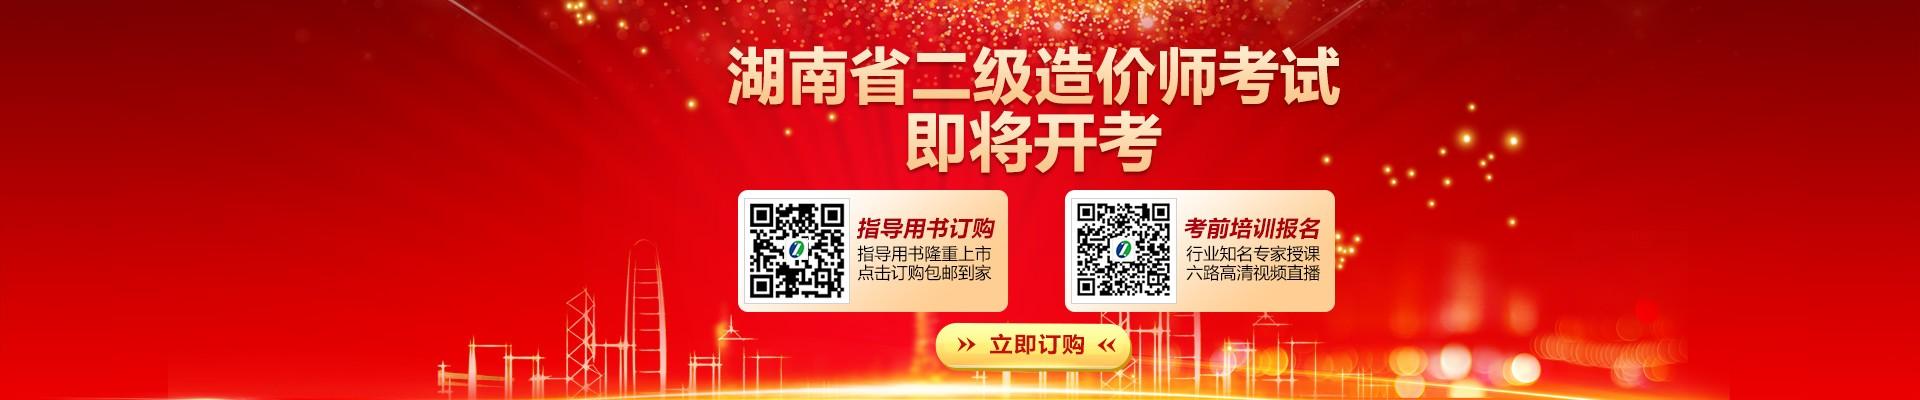 湖南省二级造价师考试指导用书隆重上市